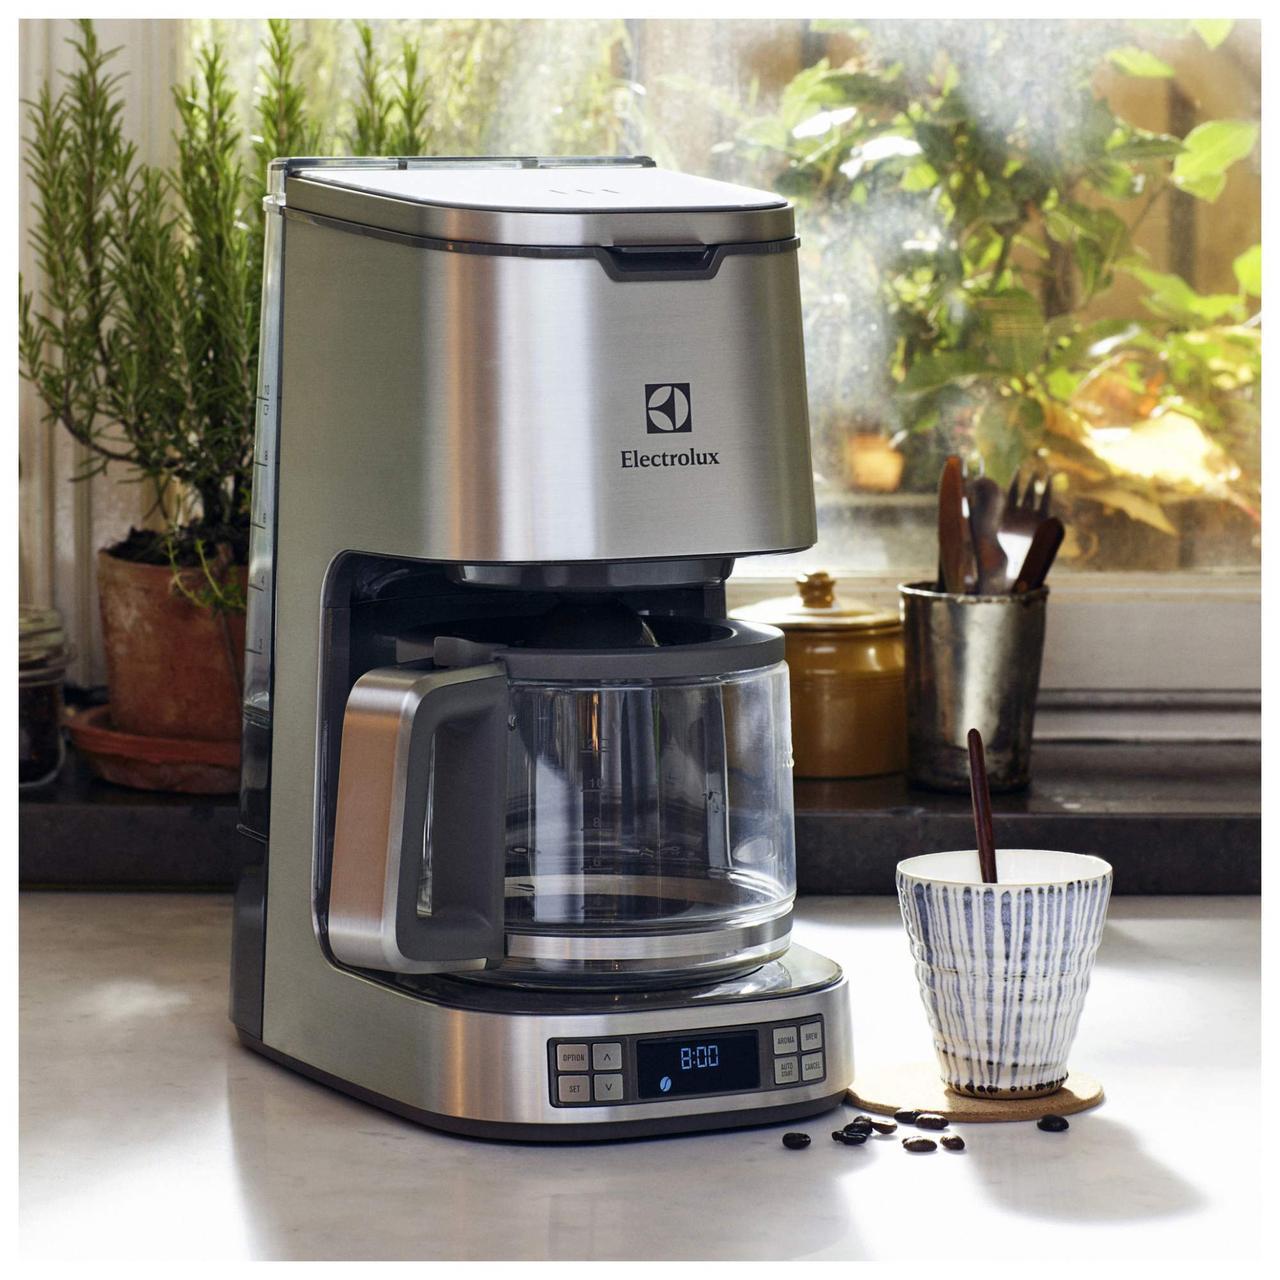 Ремонт и чистка кофемашин (кофеварок)  Electrolux